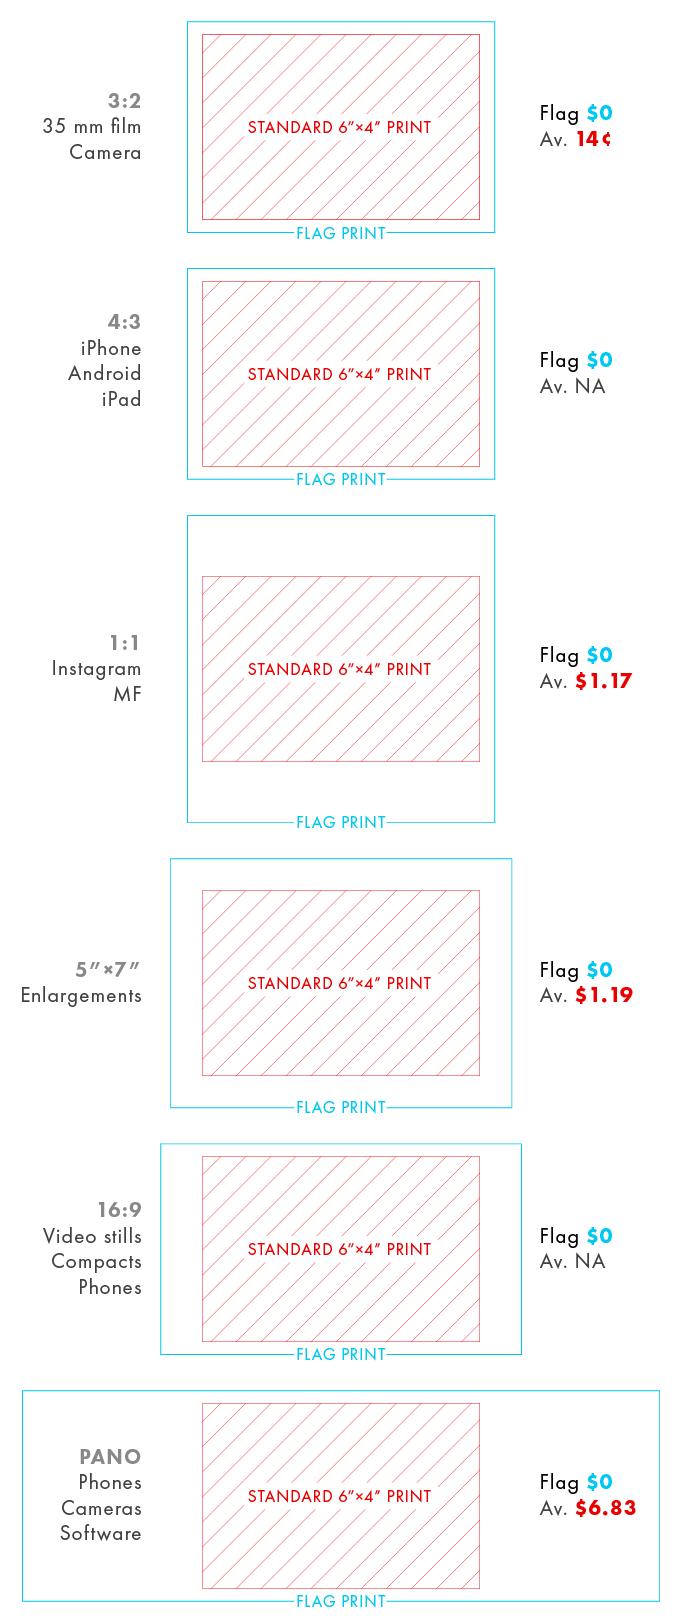 Flag・free photo prints - forever! by Flag — Kickstarter